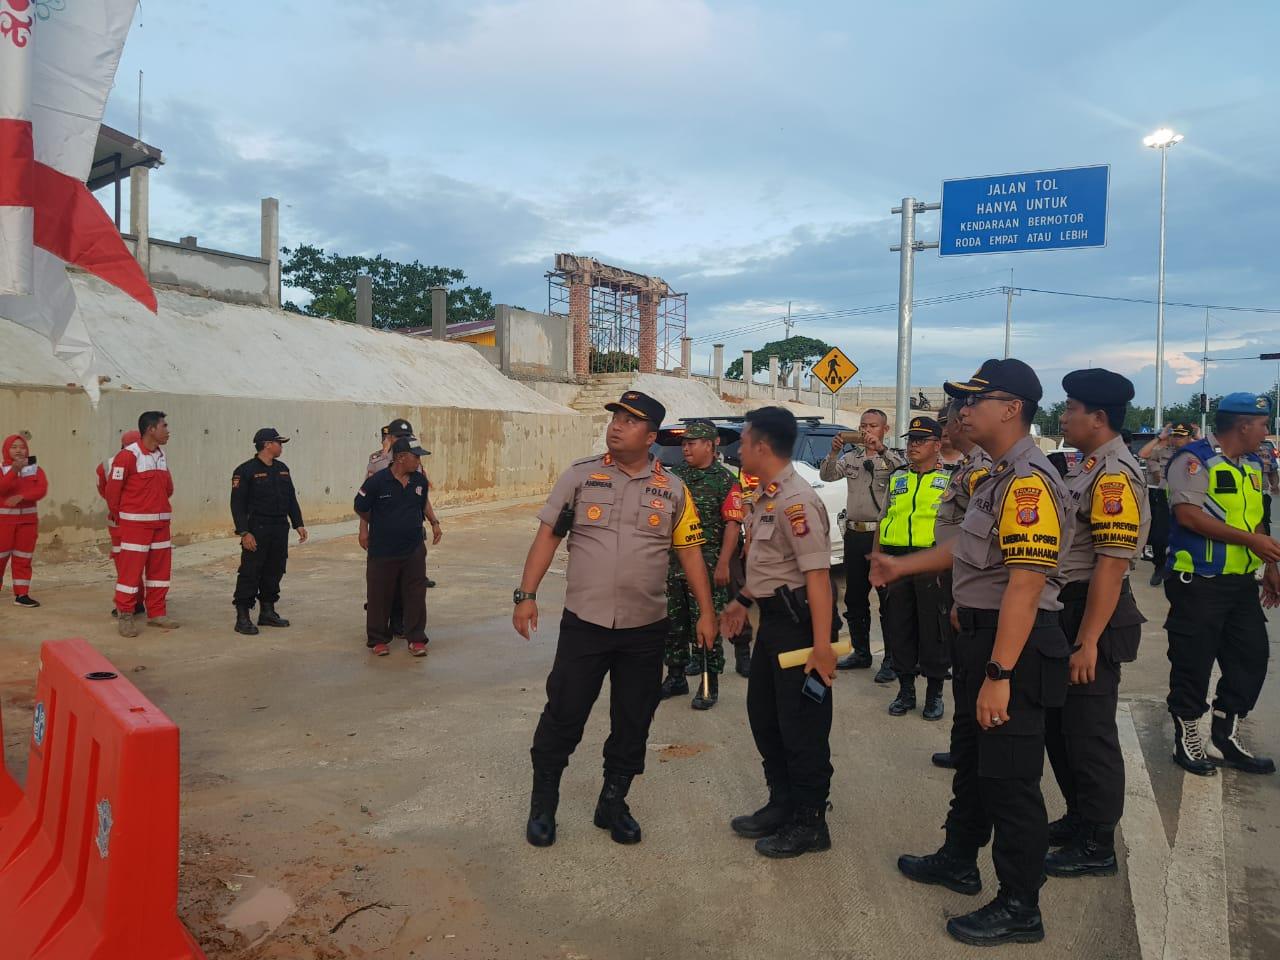 Kapolres Kutai Kertanegara (Kukar) Tinjau Langsung Posko Ops Lilin Mahakam 2019